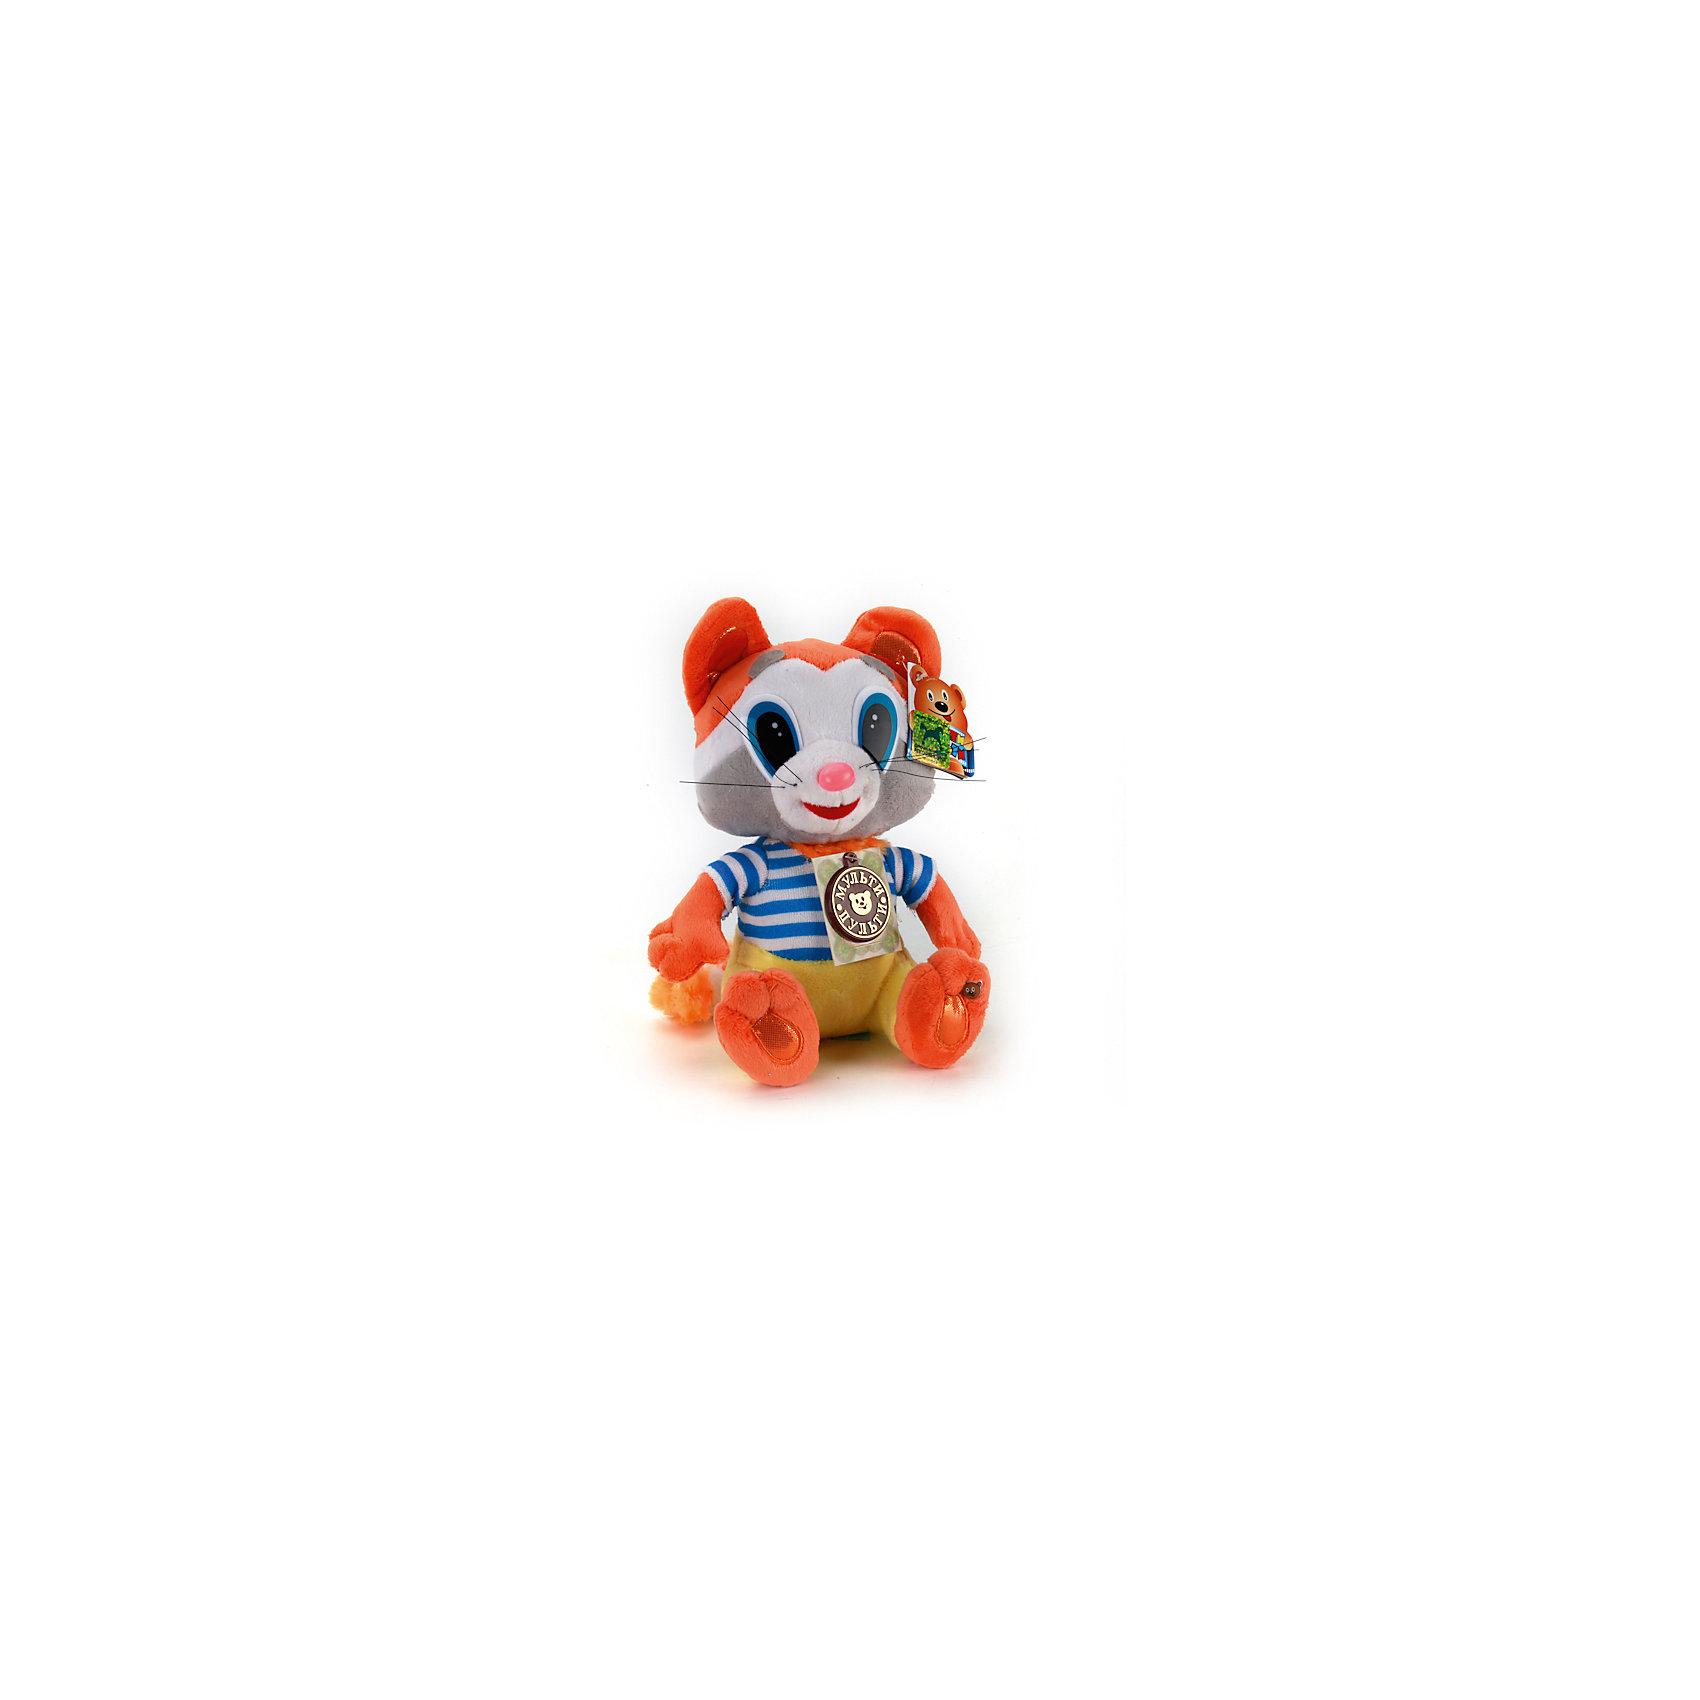 Мягкая игрушка Крошка енот, 18см, со звуком, Мульти-пультиЭто милая игрушка Крошка енот будет долго радовать Вашего малыша.<br>Енот мягкий и приятный на ощупь и может разговаривать, он знает двенадцать фраз на русском языке!<br><br>Дополнительная информация:<br><br>- Возраст: от 1 года.<br>- Высота игрушки: 18 см.<br>- Комплект: кукла, расческа, диадема, туфельки.<br>- Тип батареек: 3 х AG3 / LR41 (таблетки).<br>- Материал: полиэстер, пластик, искусственный мех.<br>- Размер упаковки: 12х30х15 см.<br>- Вес в упаковке: 330 г.<br><br>Купить игрушку Крошка енот можно в нашем магазине.<br><br>Ширина мм: 120<br>Глубина мм: 300<br>Высота мм: 150<br>Вес г: 330<br>Возраст от месяцев: 12<br>Возраст до месяцев: 60<br>Пол: Унисекс<br>Возраст: Детский<br>SKU: 4891787